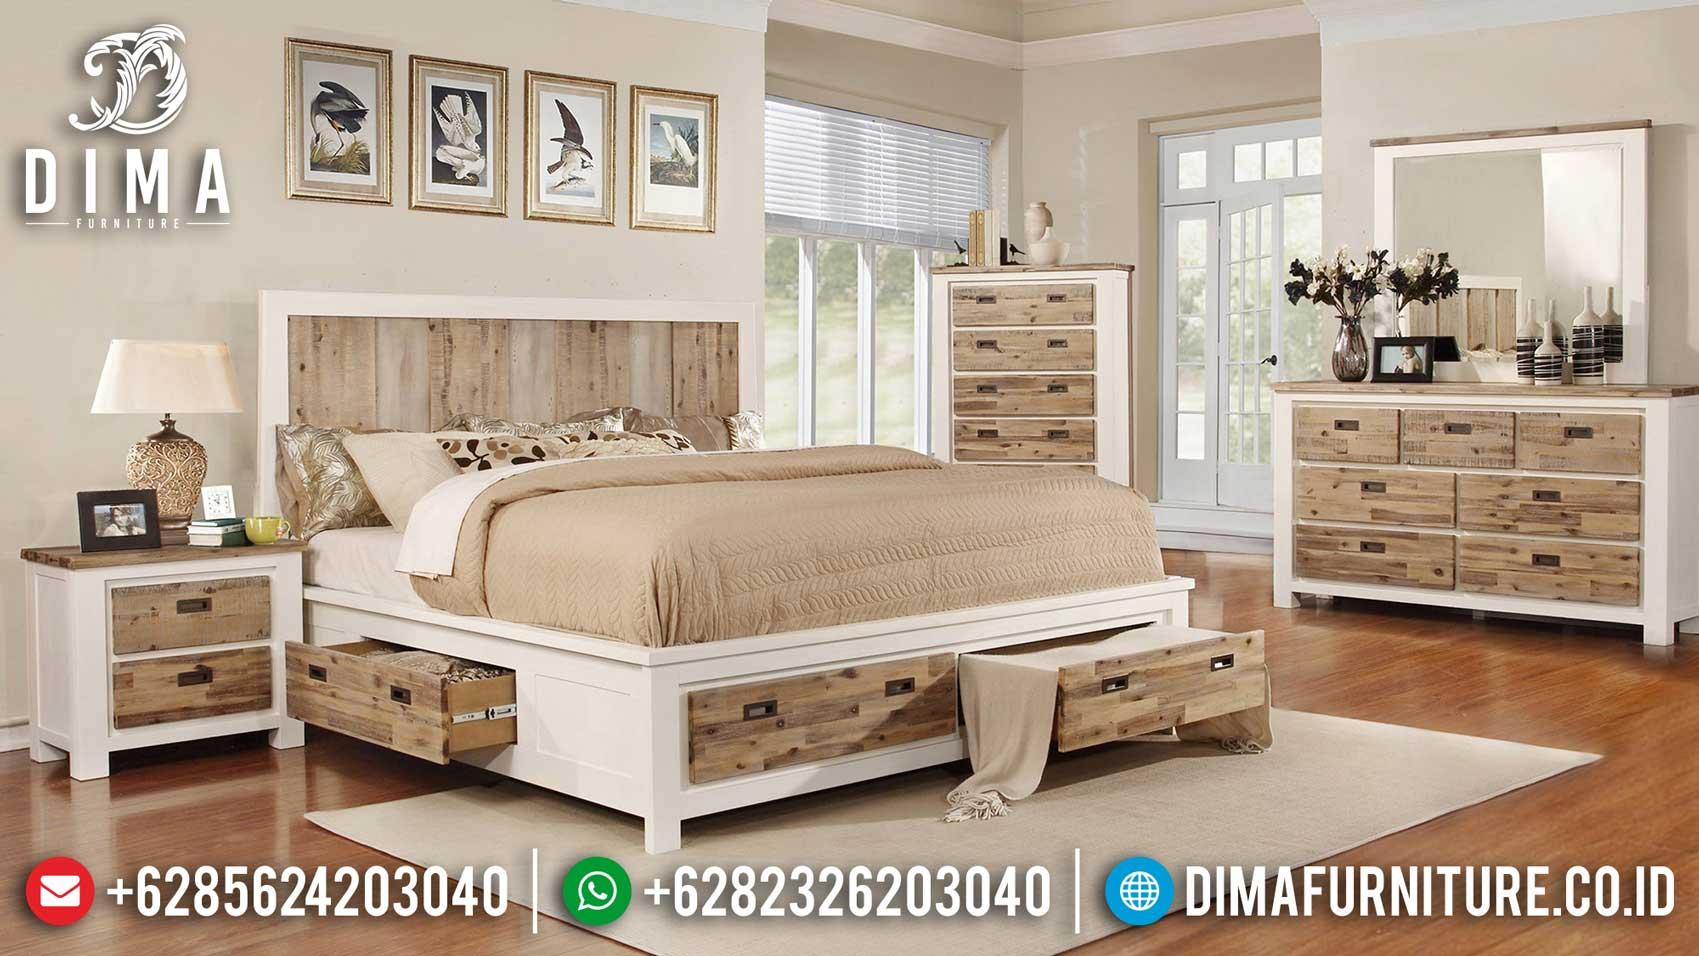 Elegant Room Tempat Tidur Minimalis Modern Design Mebel Jepara Terbaru TTJ-1127